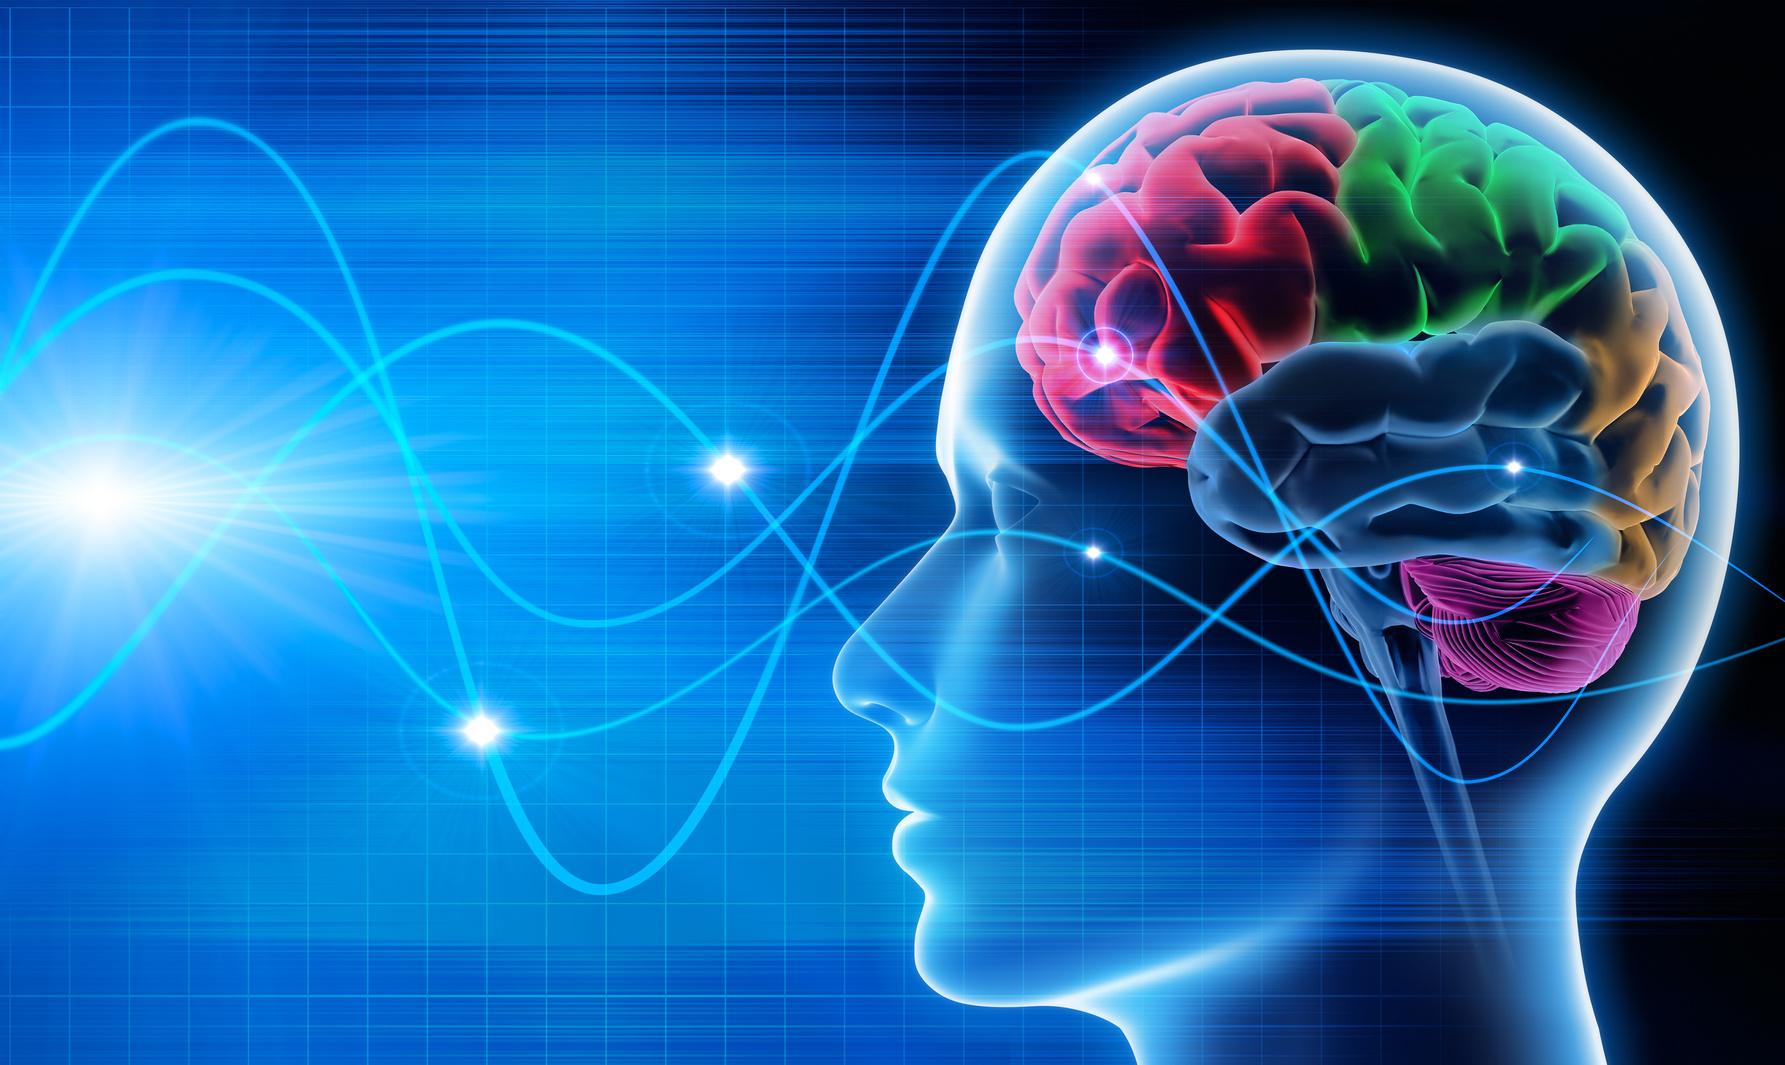 Maître praticien hypnose semaine début le 4 octobre